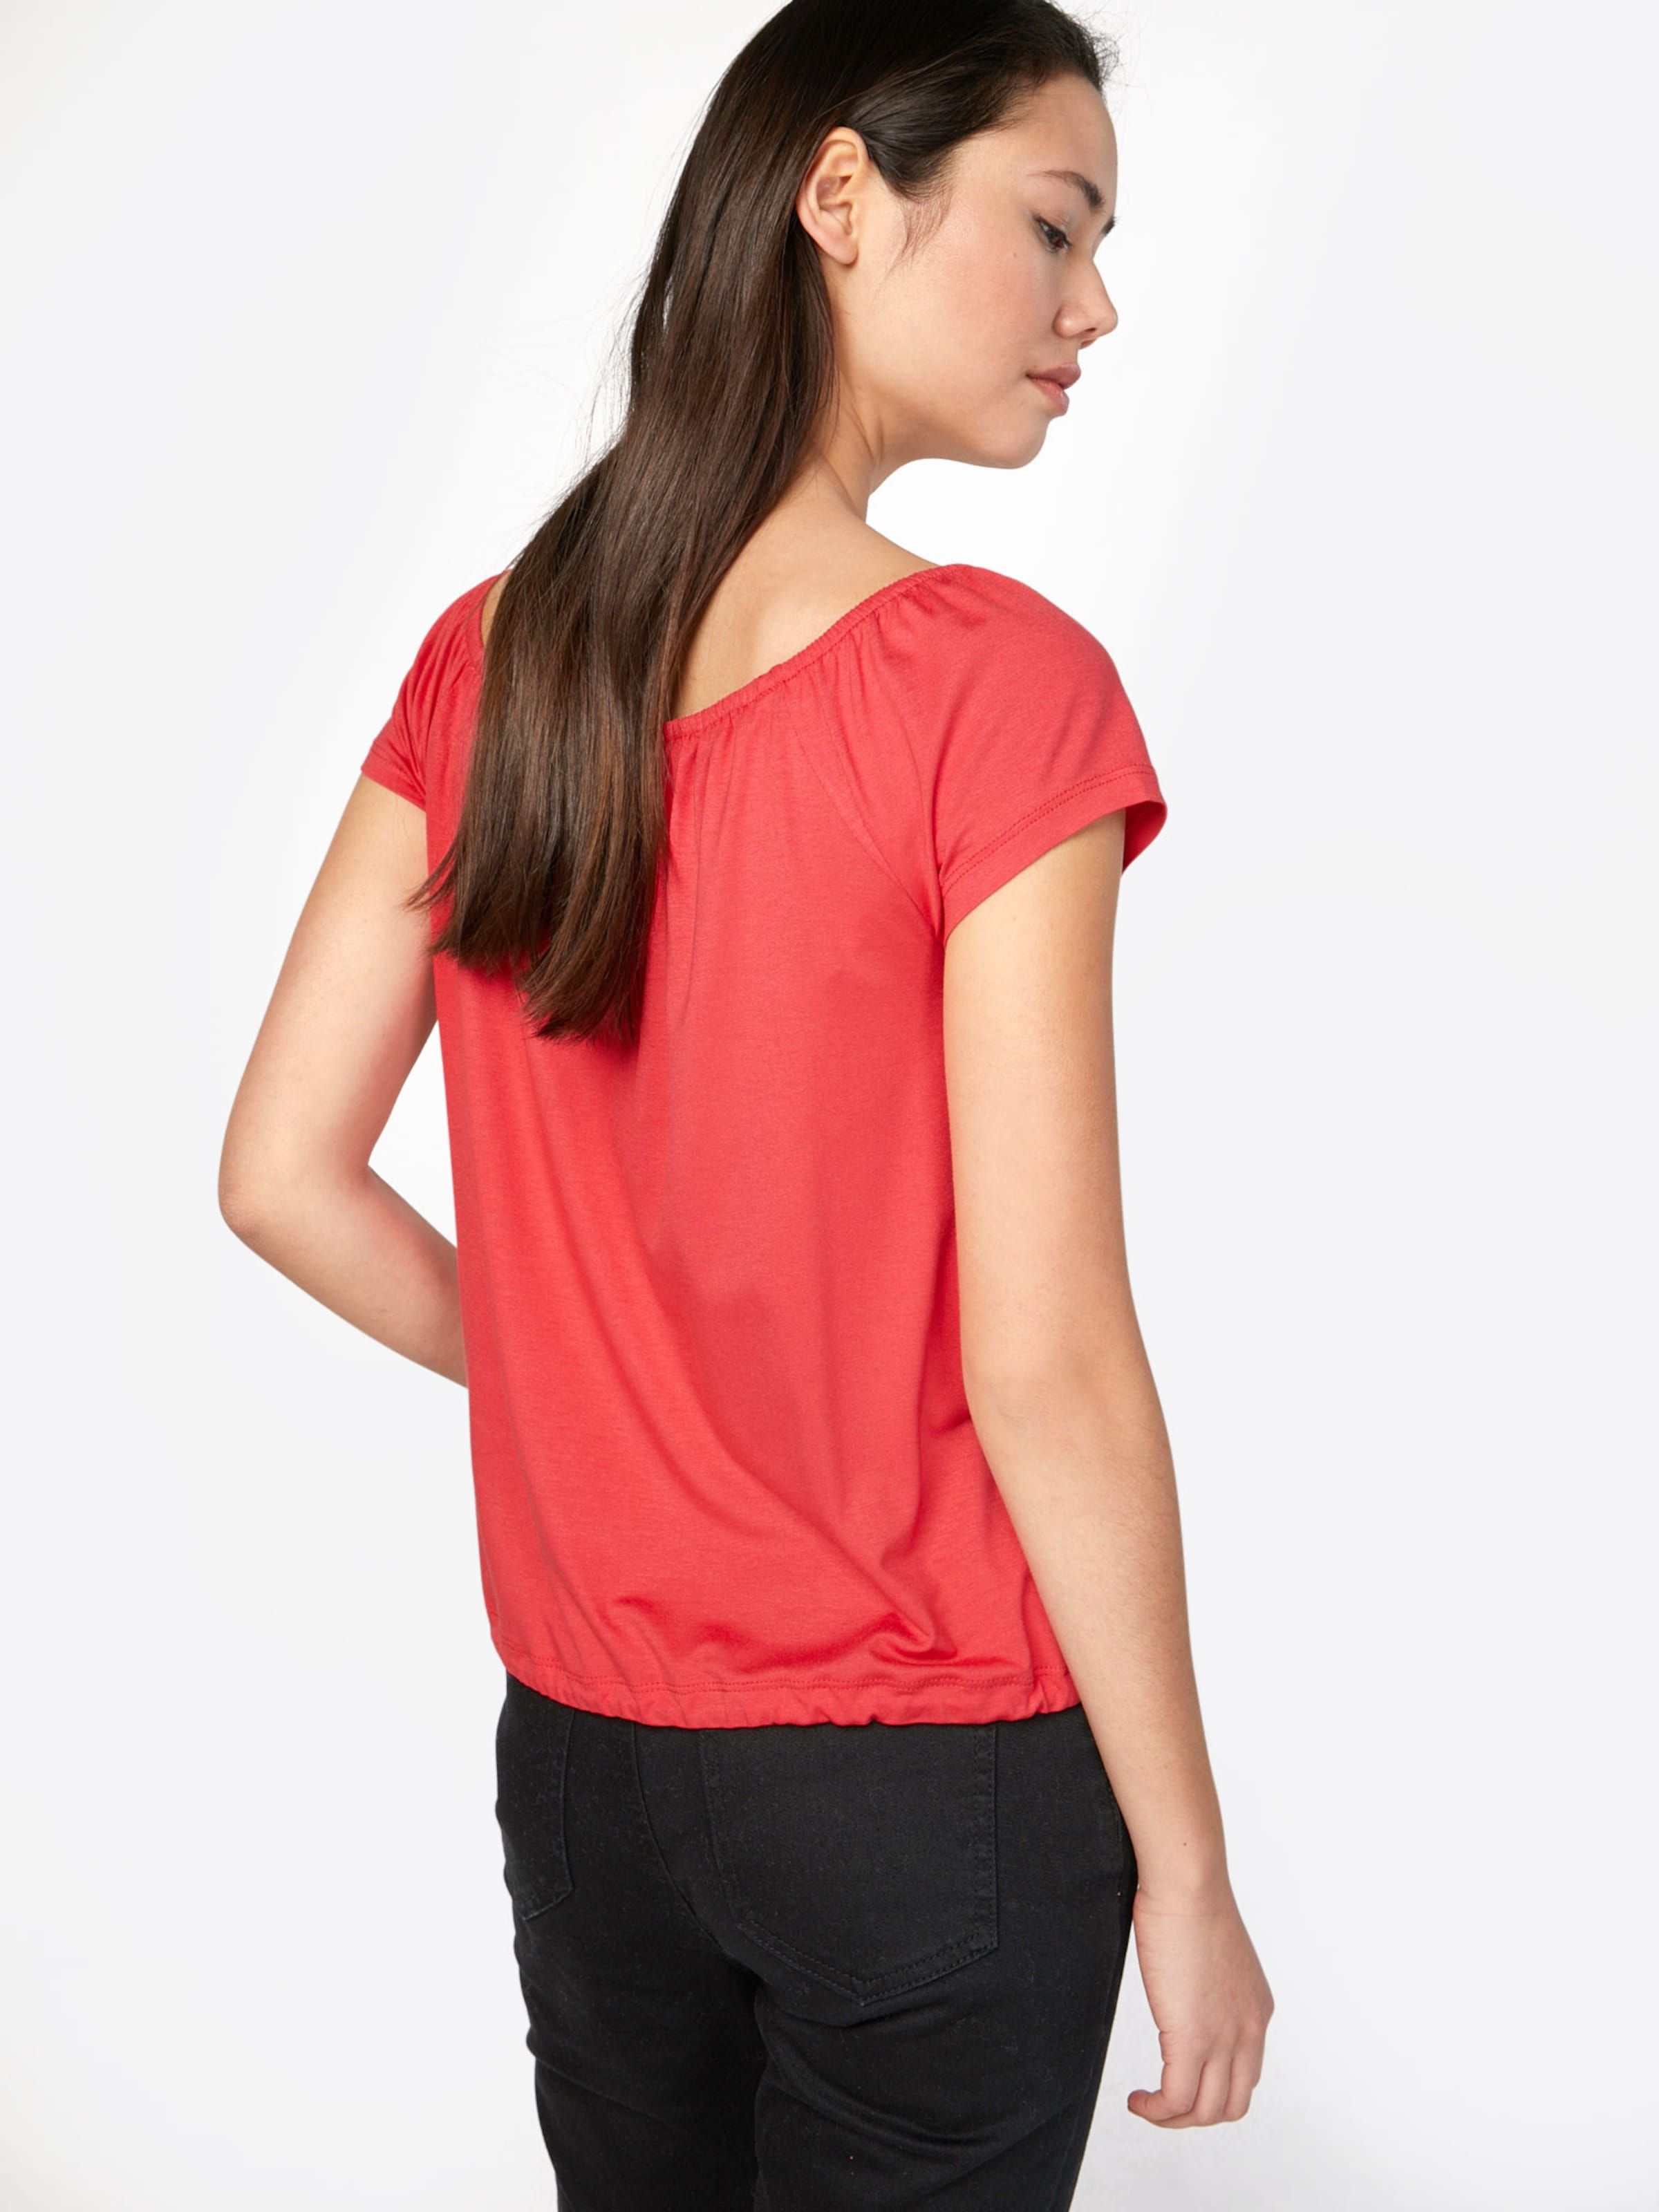 ABOUT YOU T-Shirt 'Mimi' Billig Verkauf Besuch Neu Günstig Kaufen Besuch Geniue Händler pNnBFk0MPr